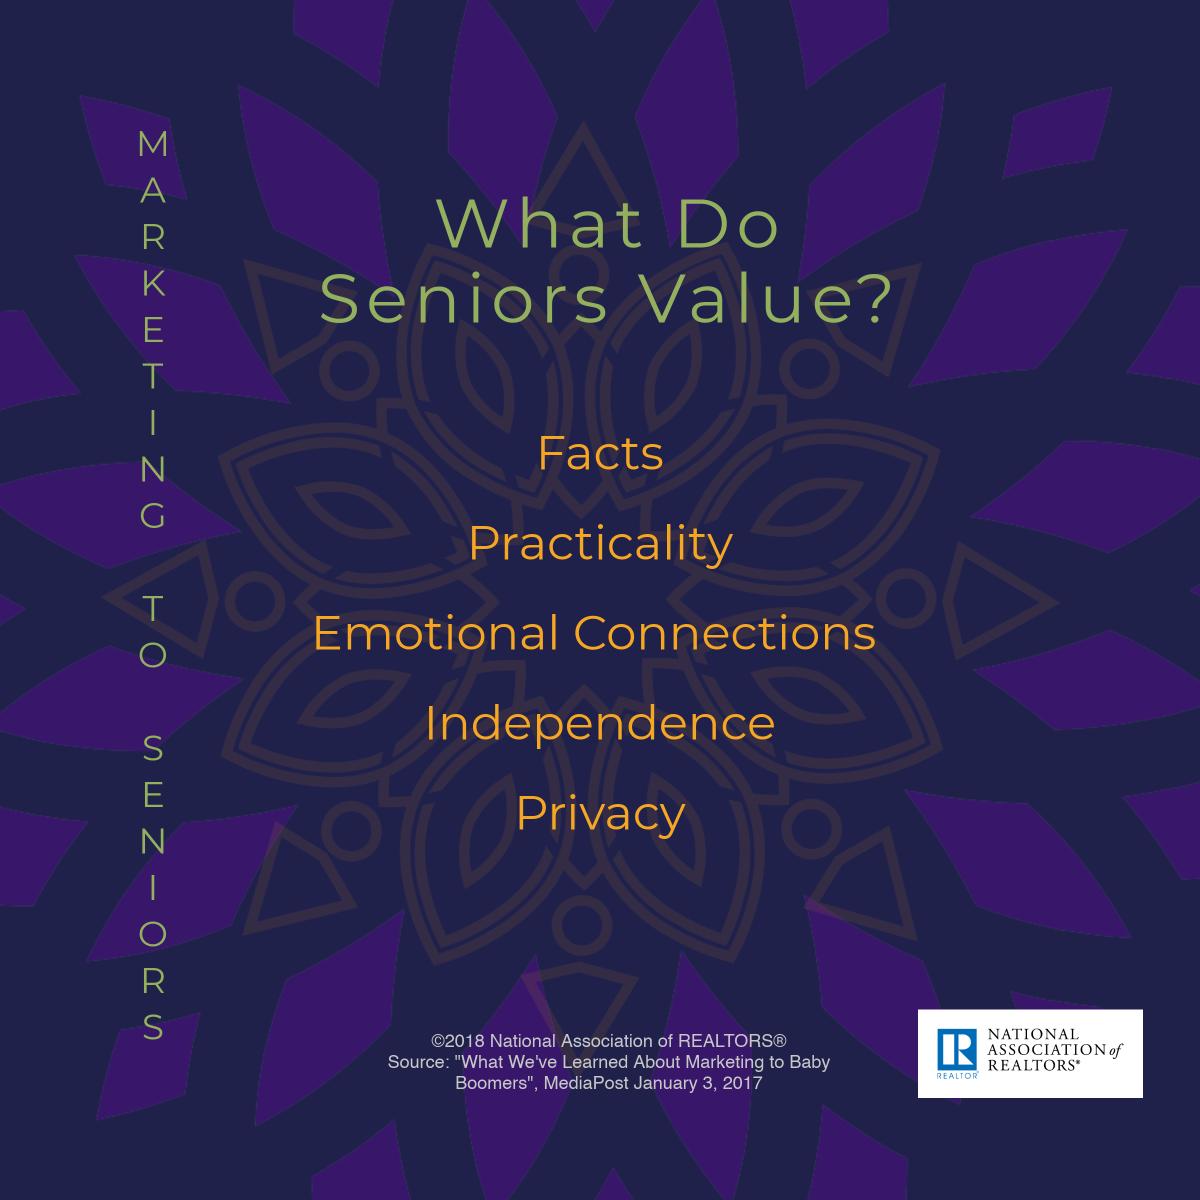 What do seniors value?